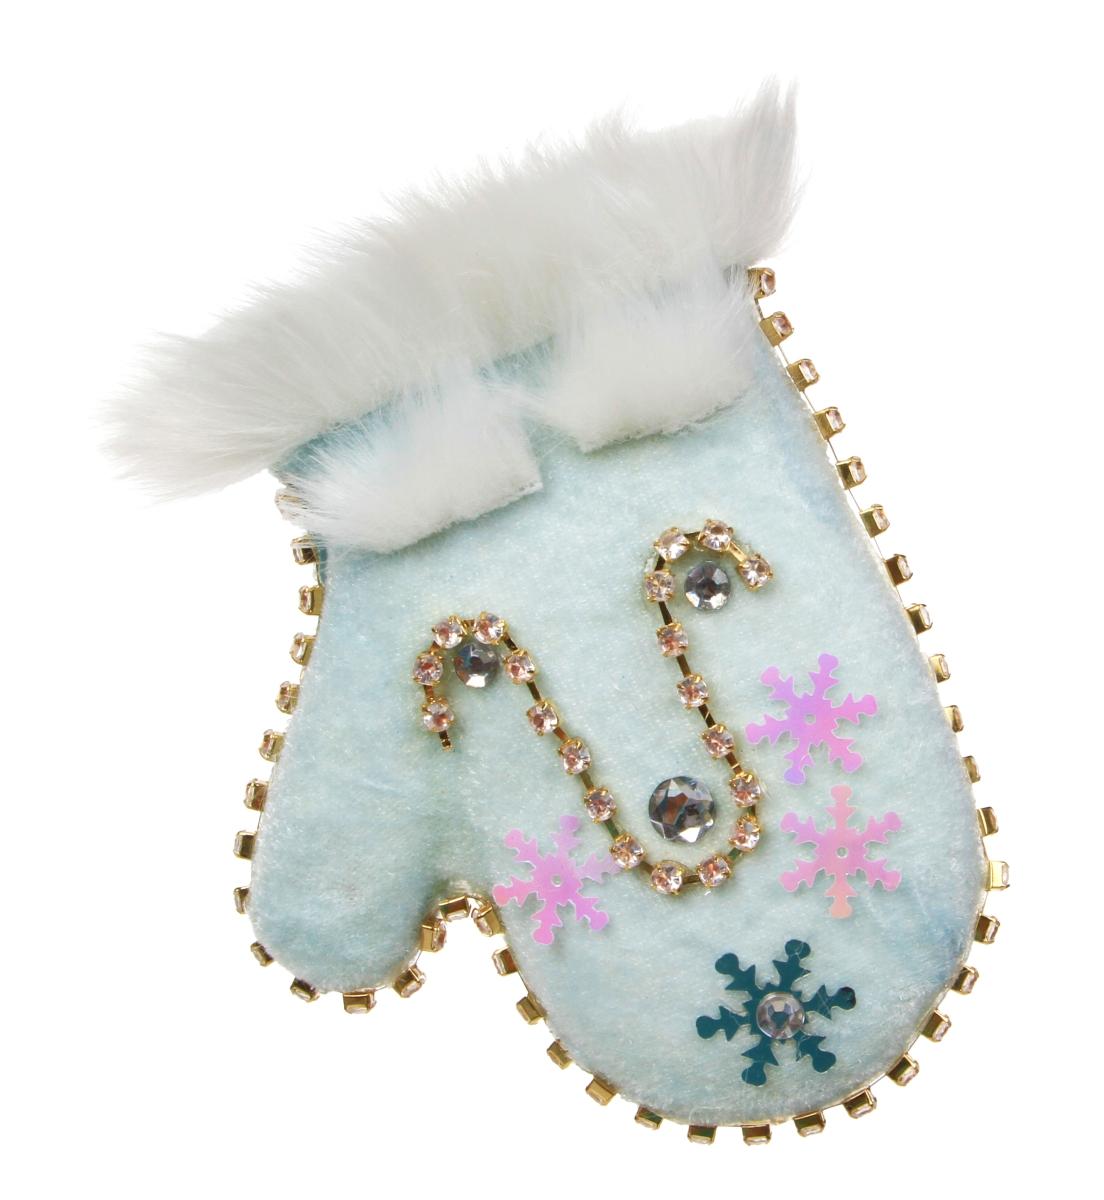 14 cm velká sametová rukavice závěsná dekorace WHITE&BLUE